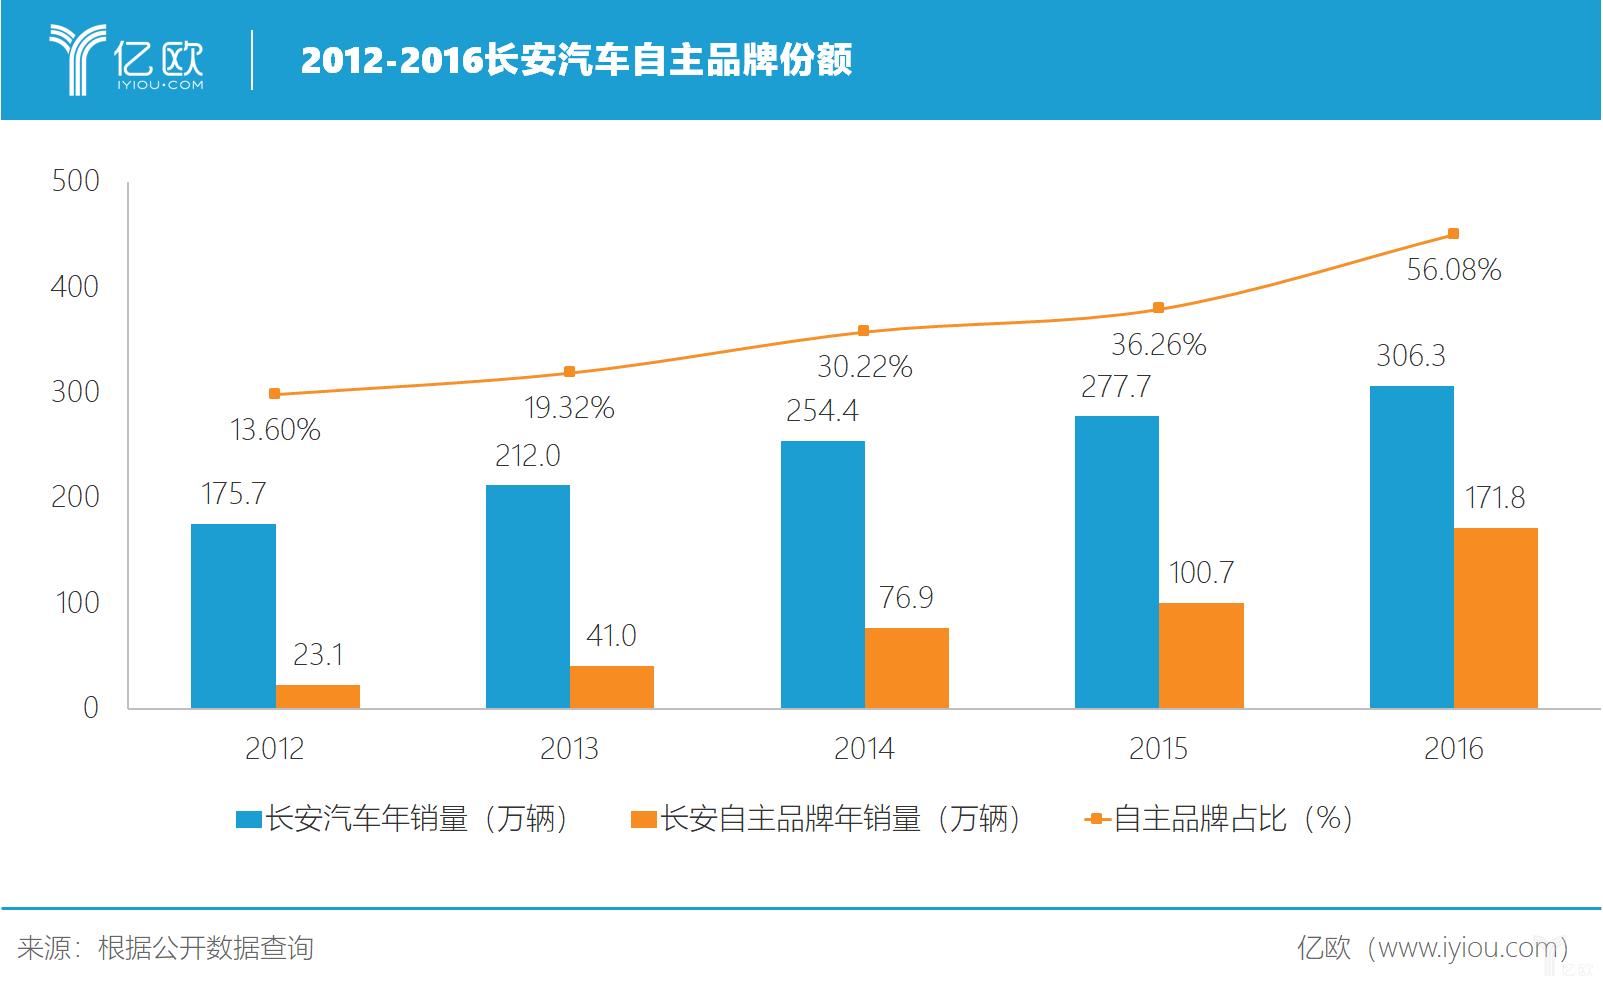 长安汽车:中国首个年销量过百万的自主品牌丨70周年特别策划